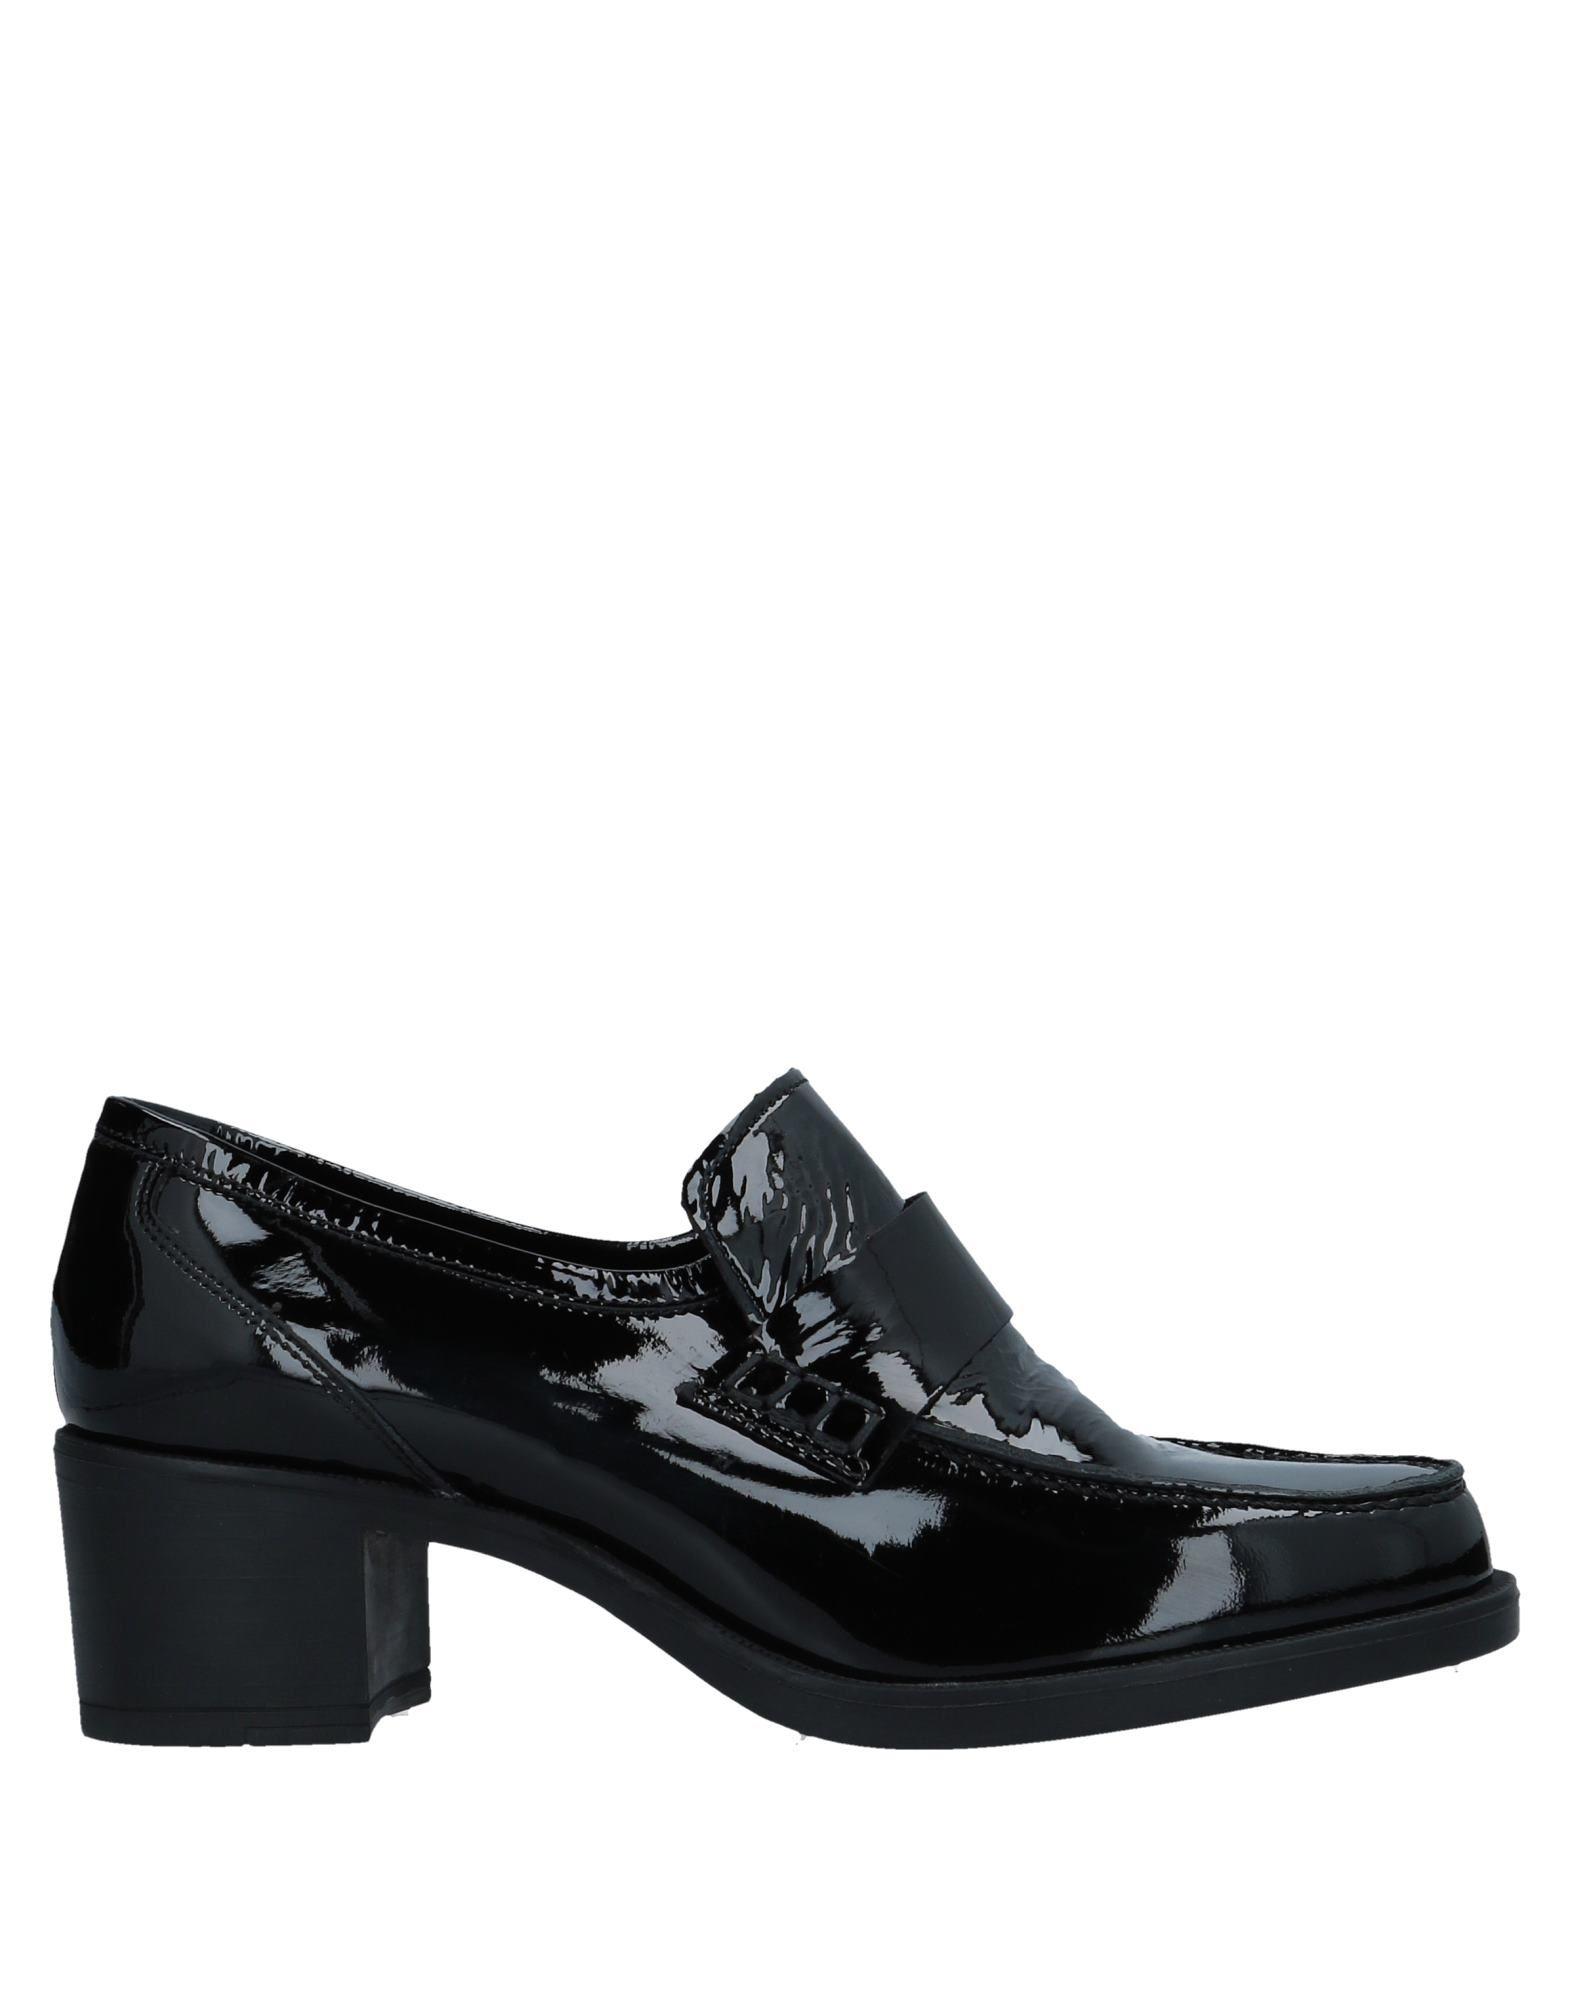 Gut Damen um billige Schuhe zu tragenMaritan G Mokassins Damen Gut 11528070TH c20fe6